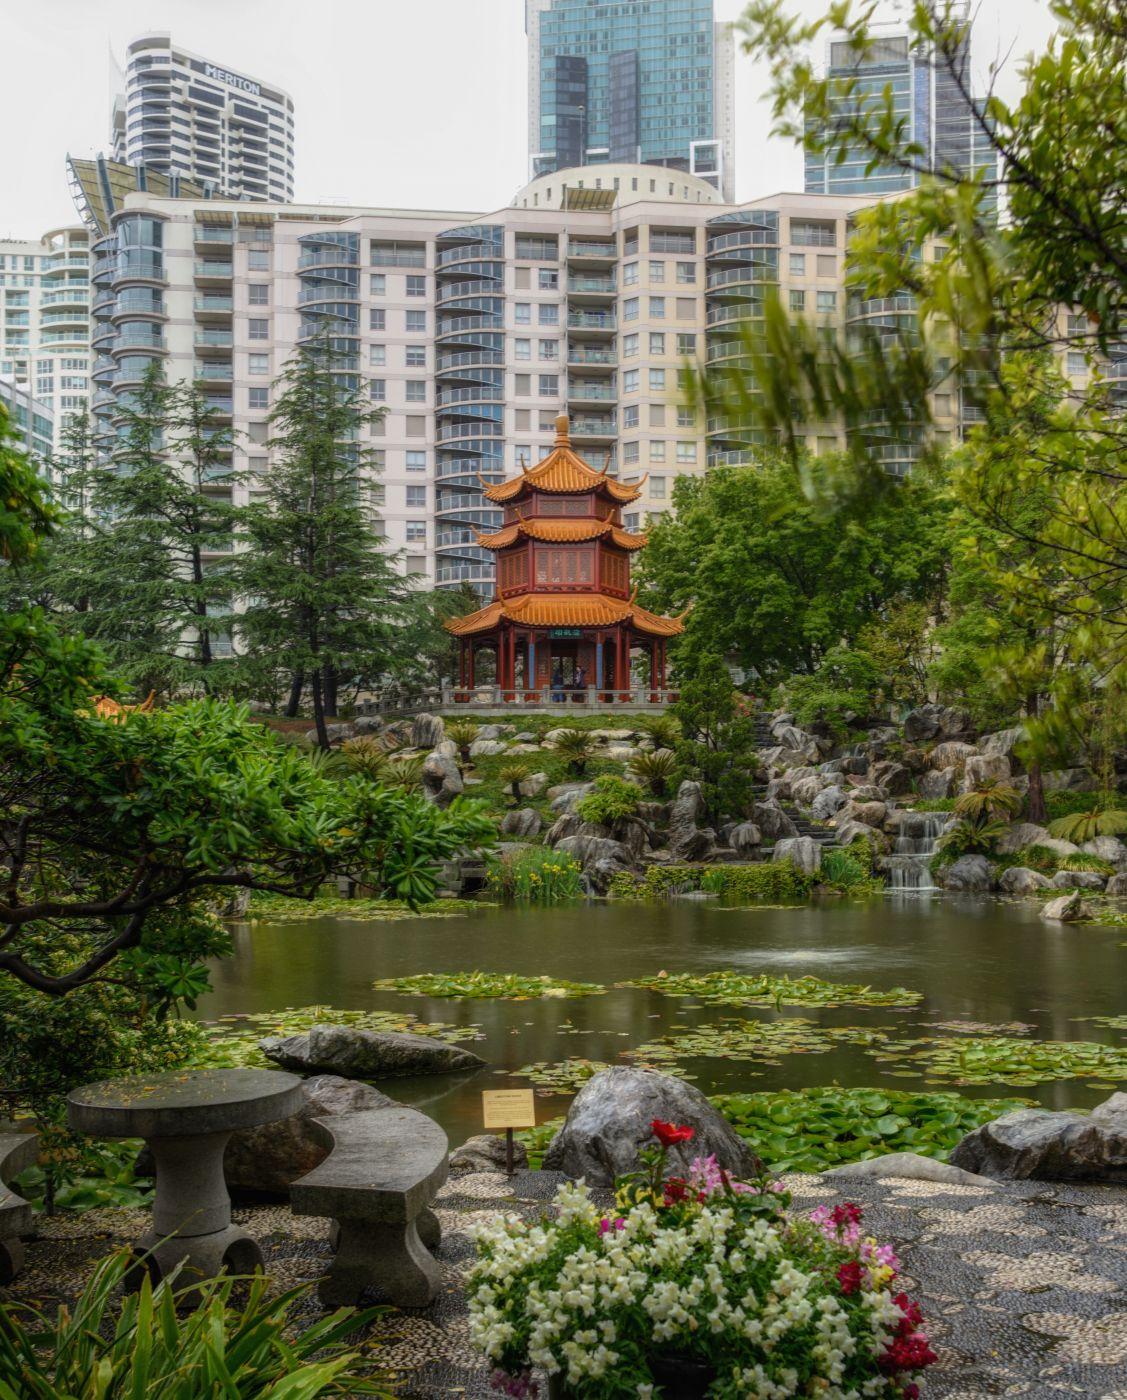 Chinese Garden of Friendship, Australia